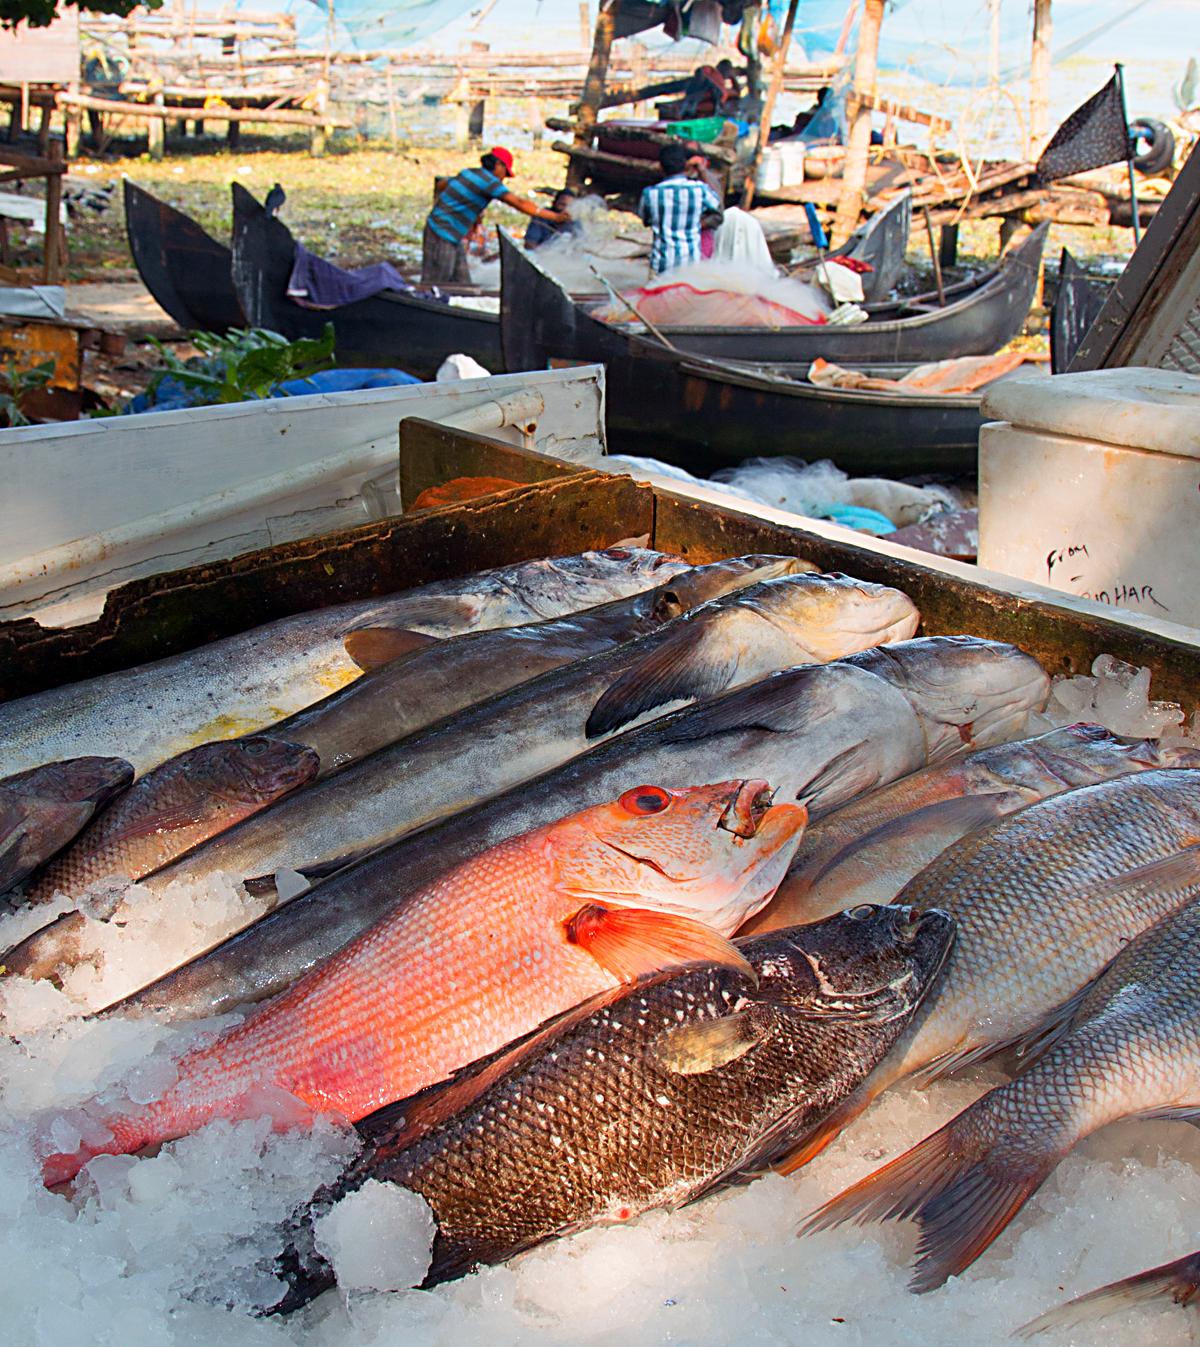 INDIEN Cochin Kerala Menschen Fischmarkt FINEST-onTour 2334.jpg